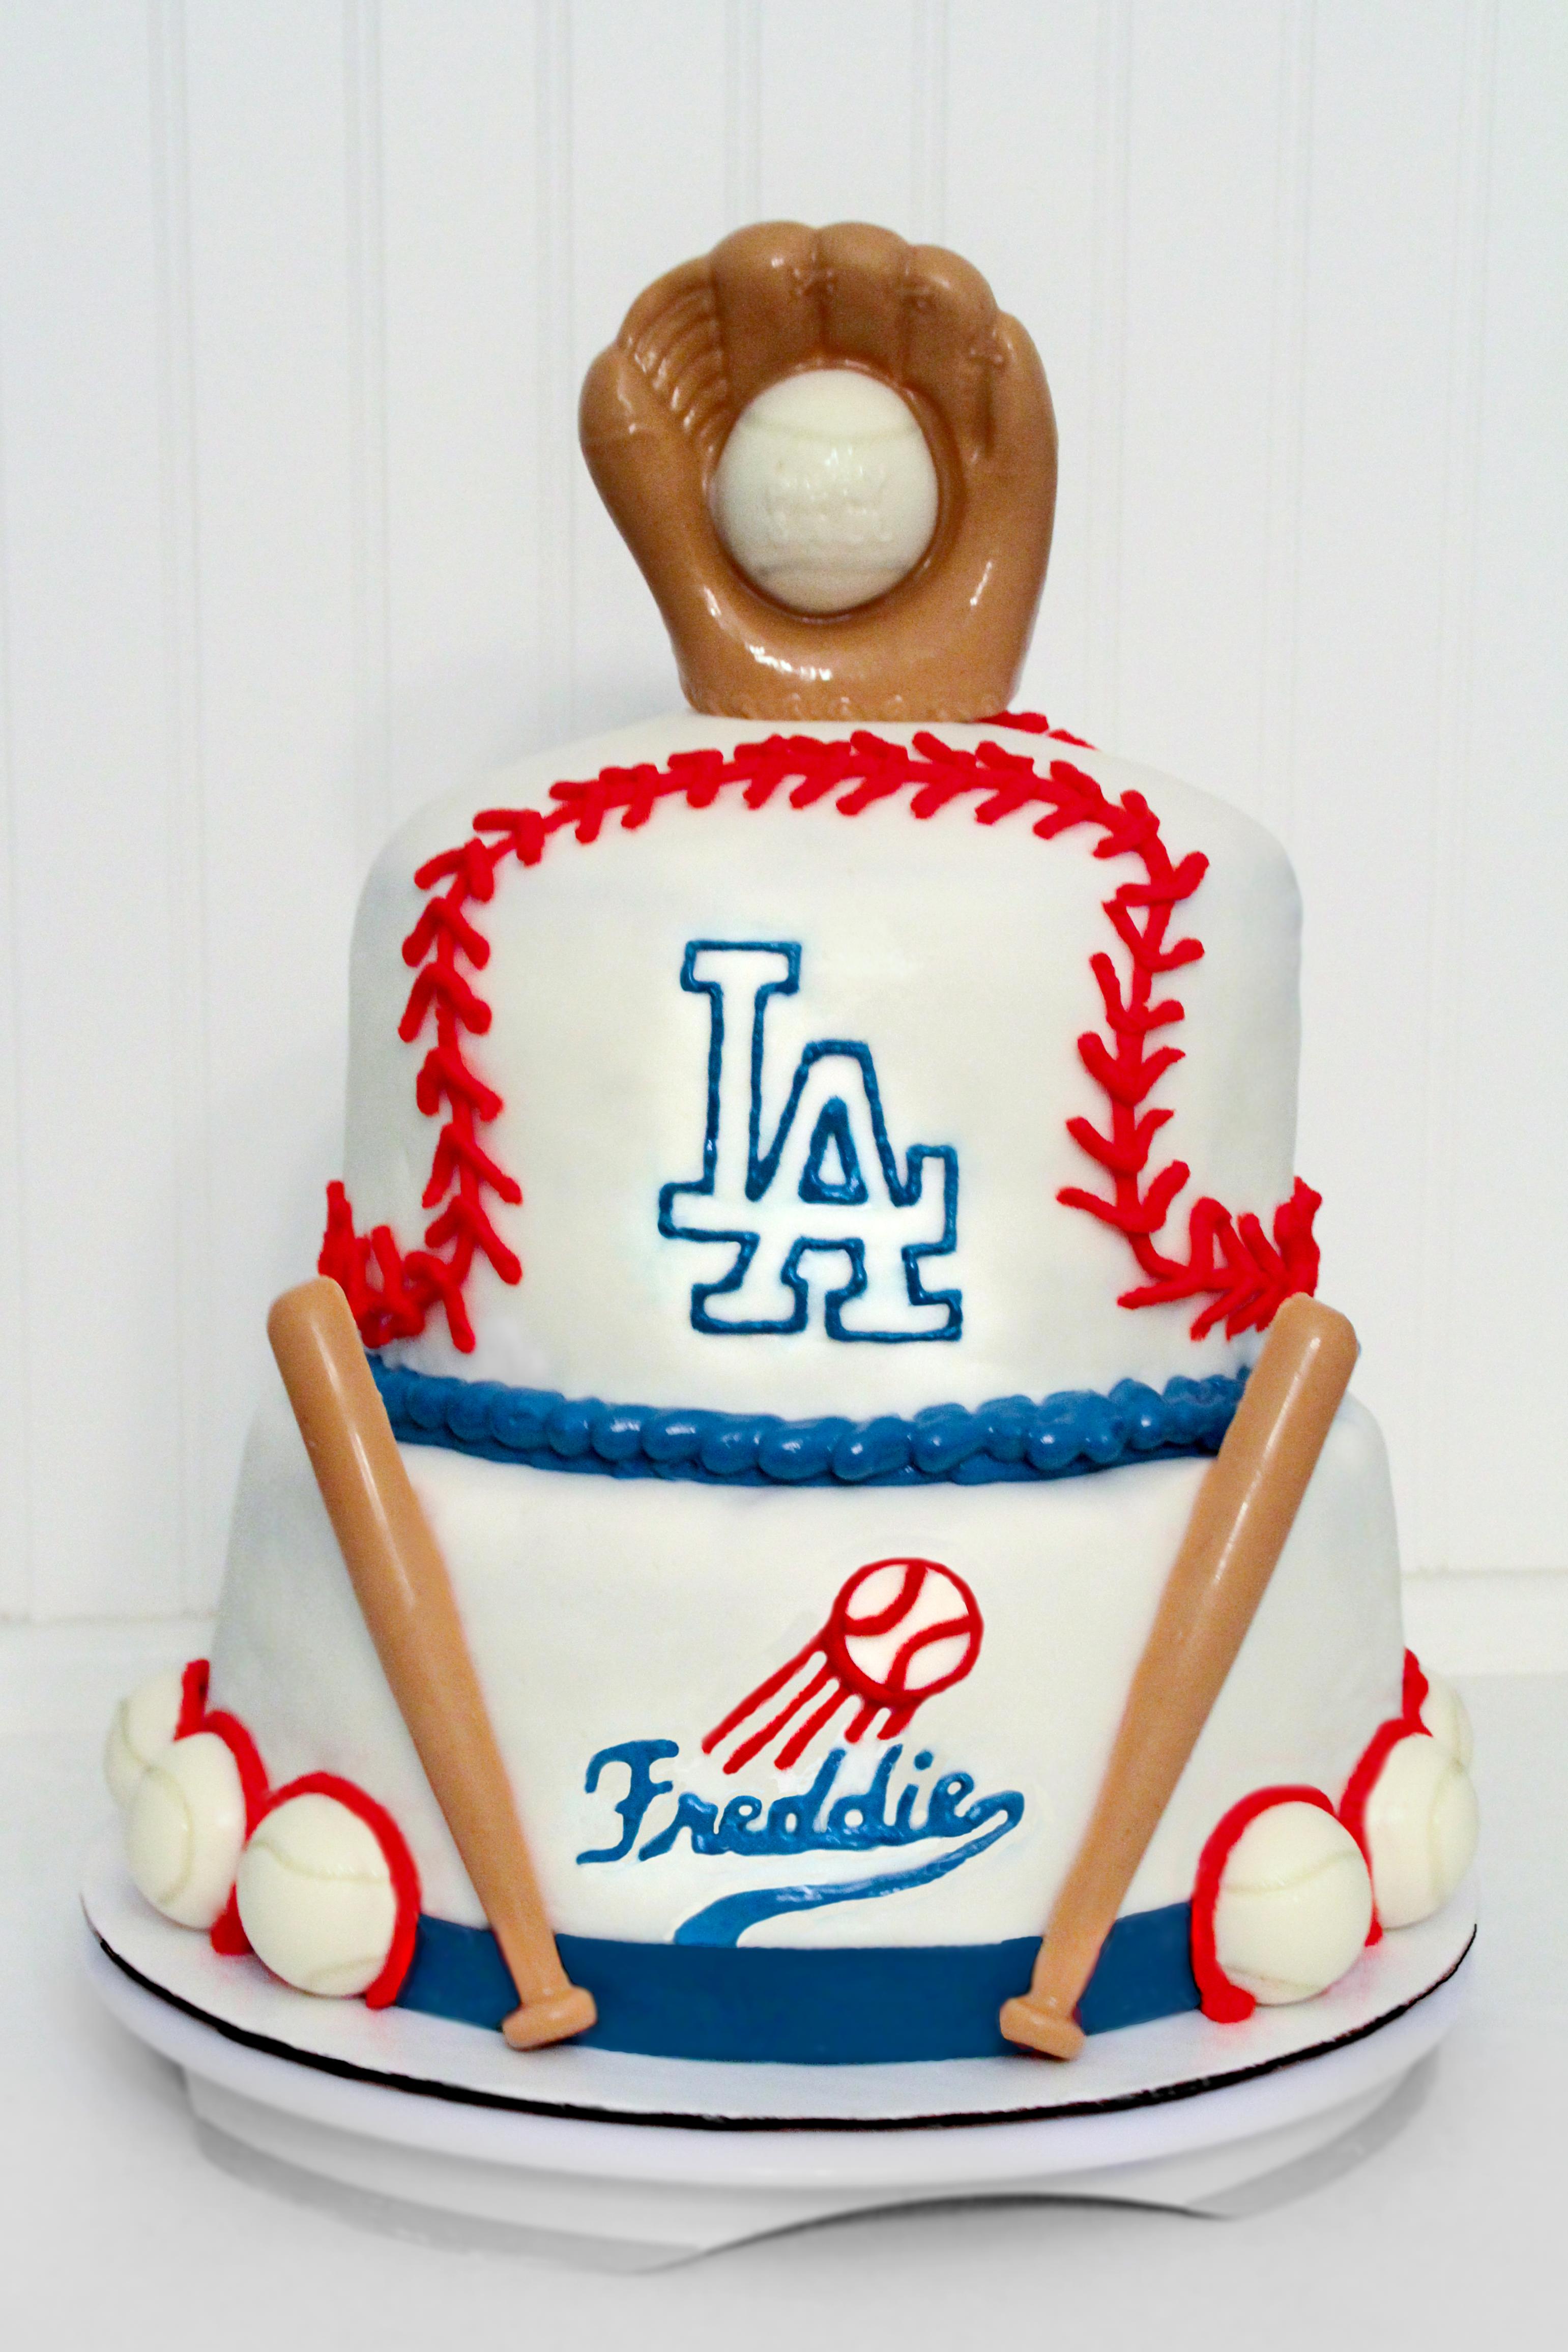 Dodgers Fan Birthday Cake